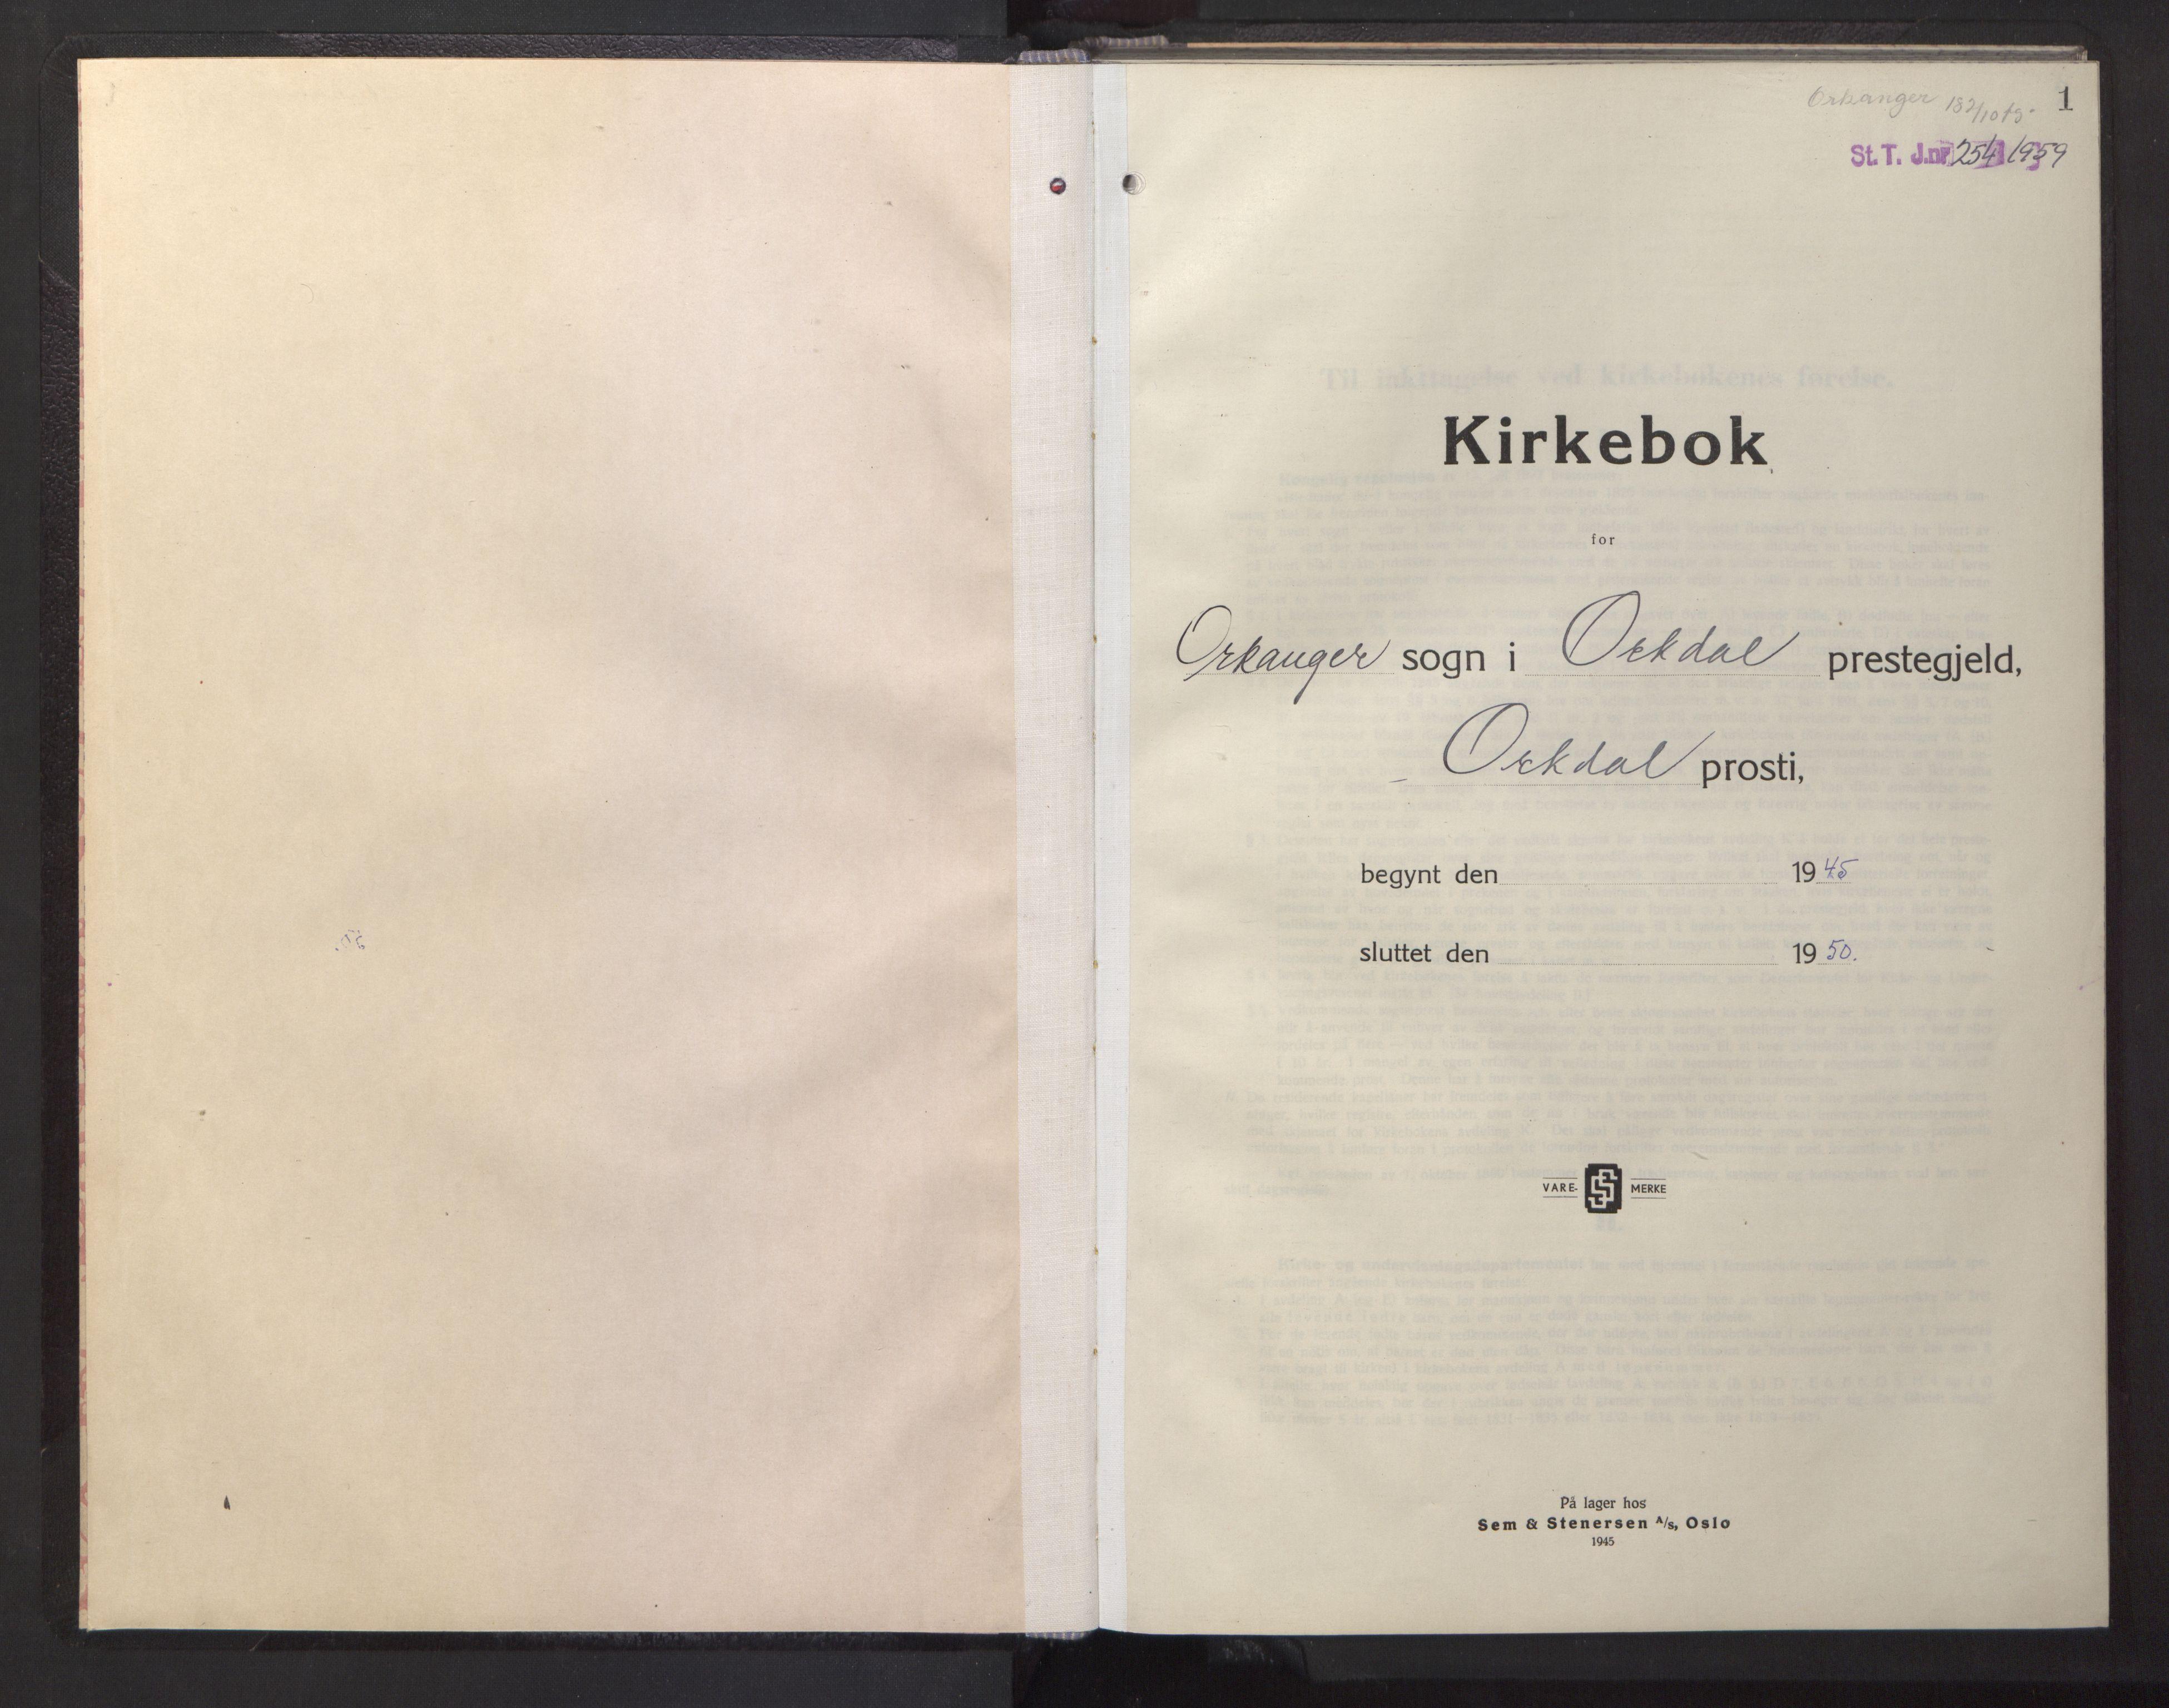 SAT, Ministerialprotokoller, klokkerbøker og fødselsregistre - Sør-Trøndelag, 669/L0833: Klokkerbok nr. 669C03, 1945-1950, s. 1